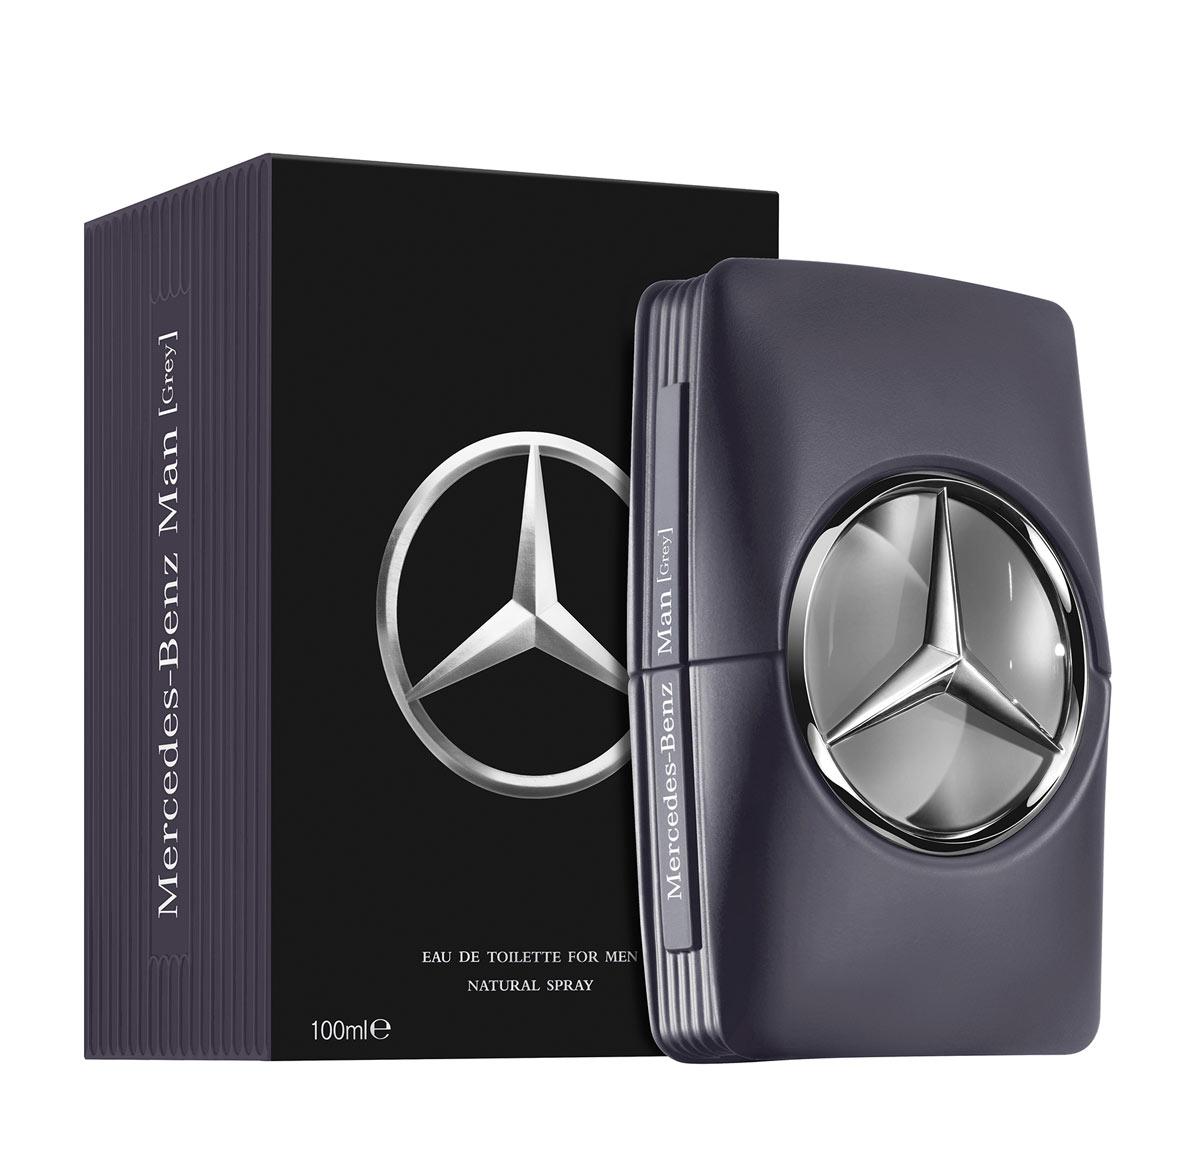 Mercedes benz man grey mercedes benz colonia una nuevo for Mercedes benz man